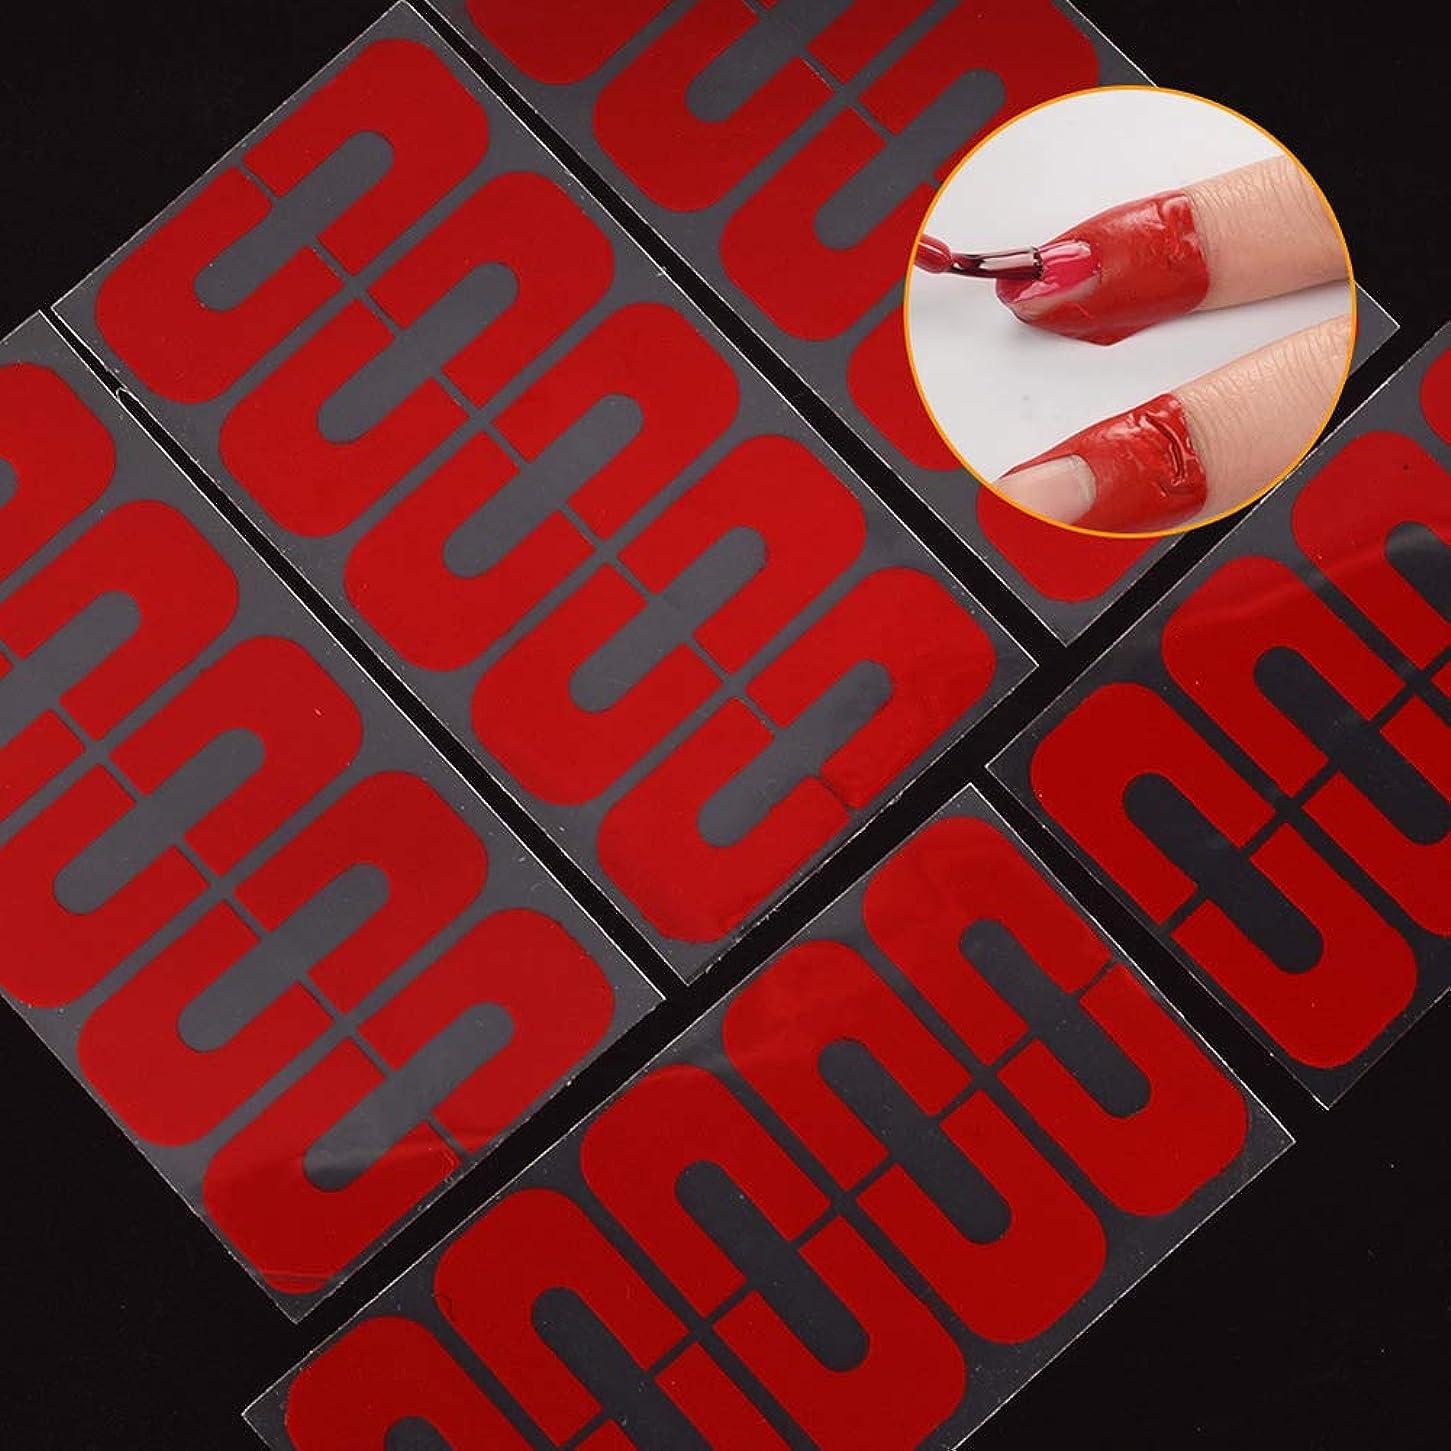 いちゃつく請うりんごhamulekfae-50個使い捨てU字型こぼれ防止ネイルプロテクター弾性指カバーステッカー - 赤50個Red50pcs